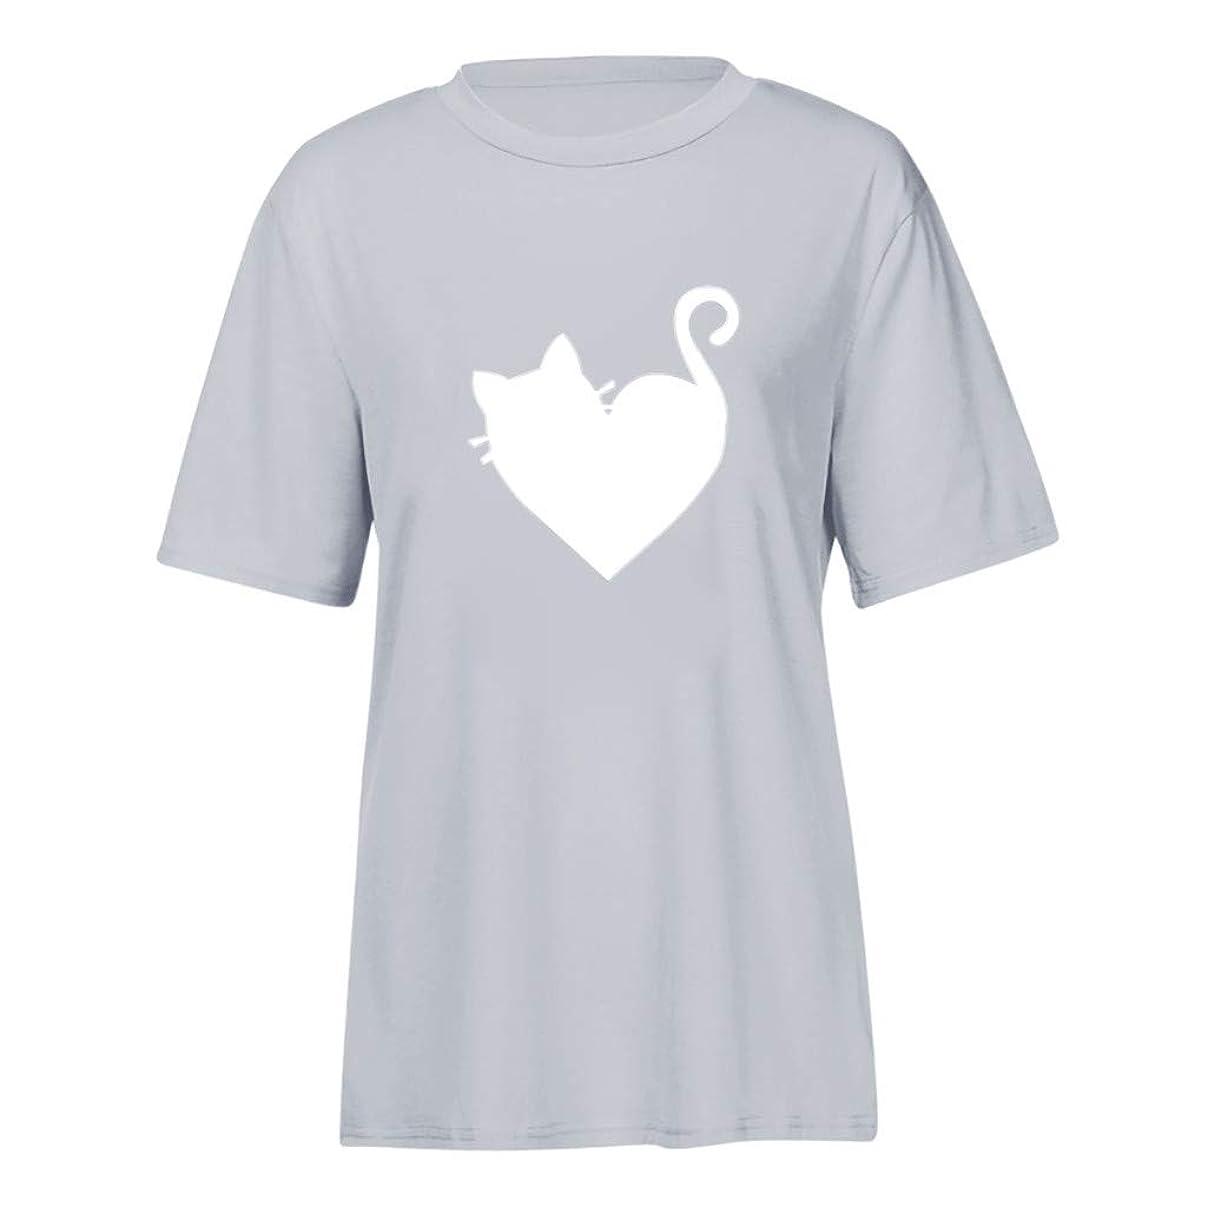 モスまっすぐにする大学院半袖 トップス Foreted レディース Tシャツ 猫模様 ゆるい ゆったり おしゃれ かわいい 日常 トップス Tシャツ おもしろ プリント